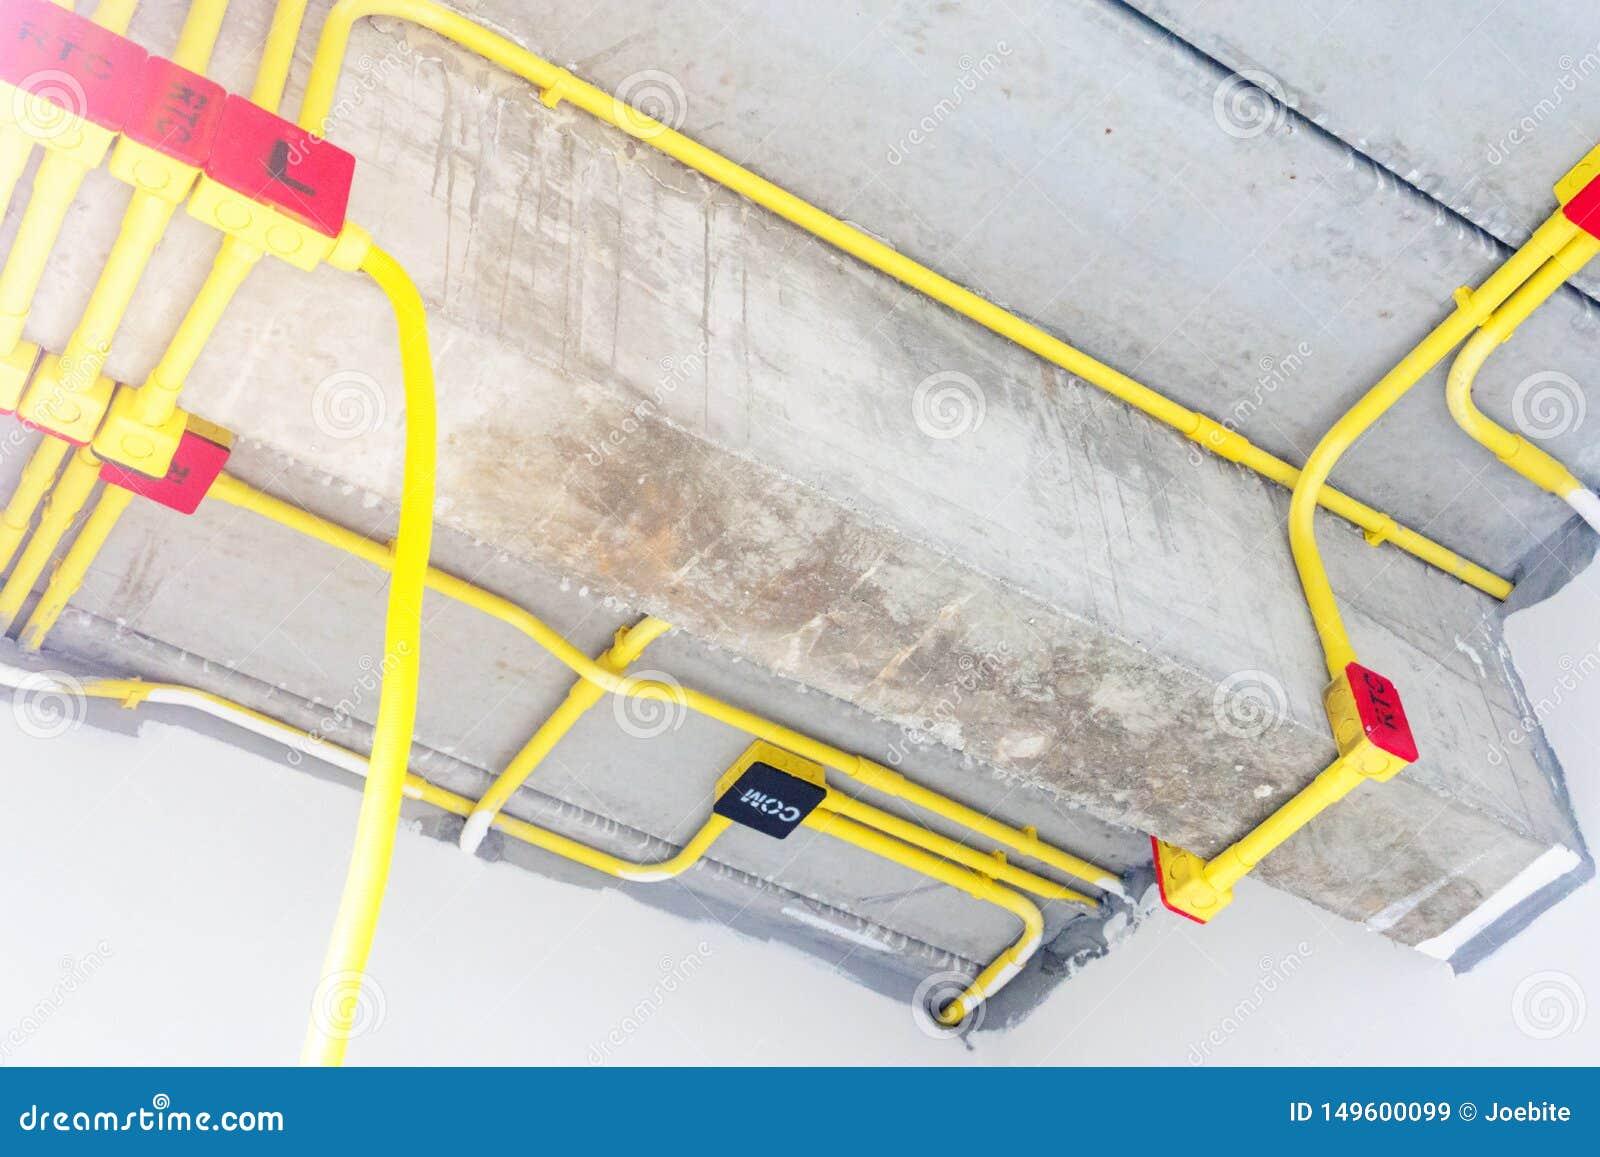 Det vita elektriska PVC-r?ret i r?tt och svart f?rbinds till kraftledningar eller elektriska tr?dar, EthernetUTP kablar, internet